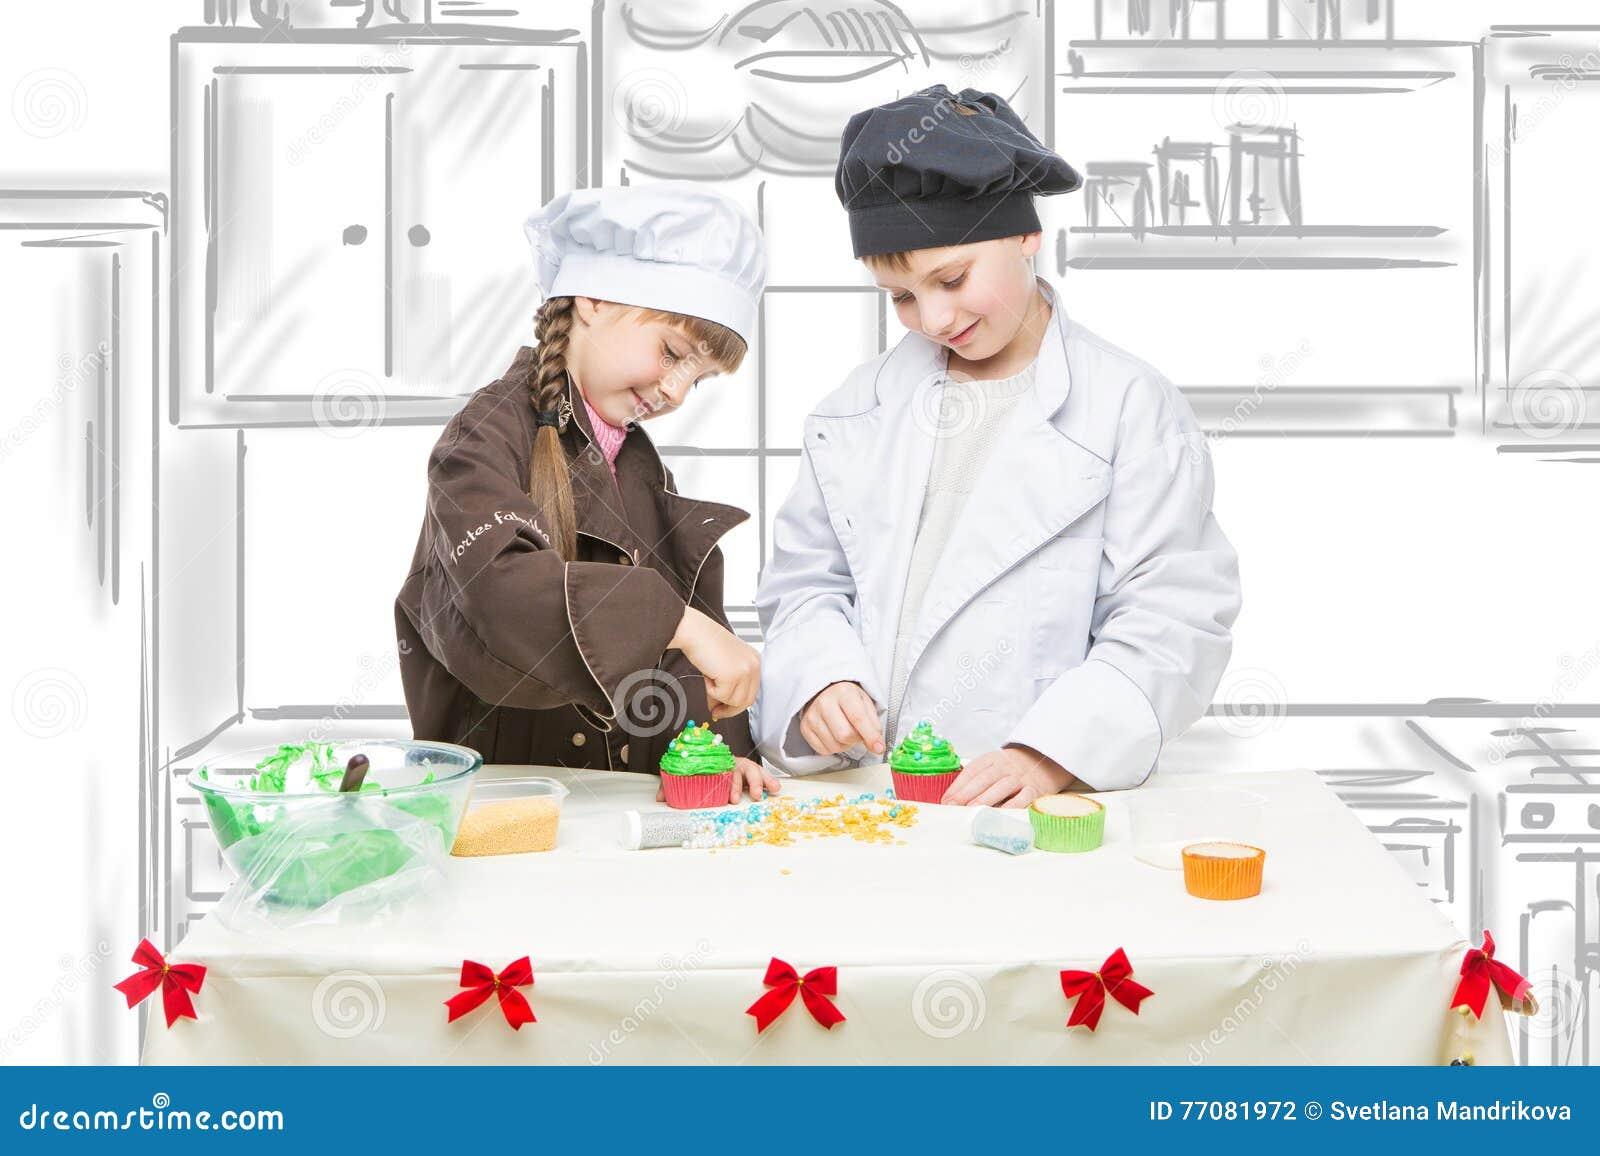 Kinder Die Weihnachtskleine Kuchen Machen Stockfoto Bild Von